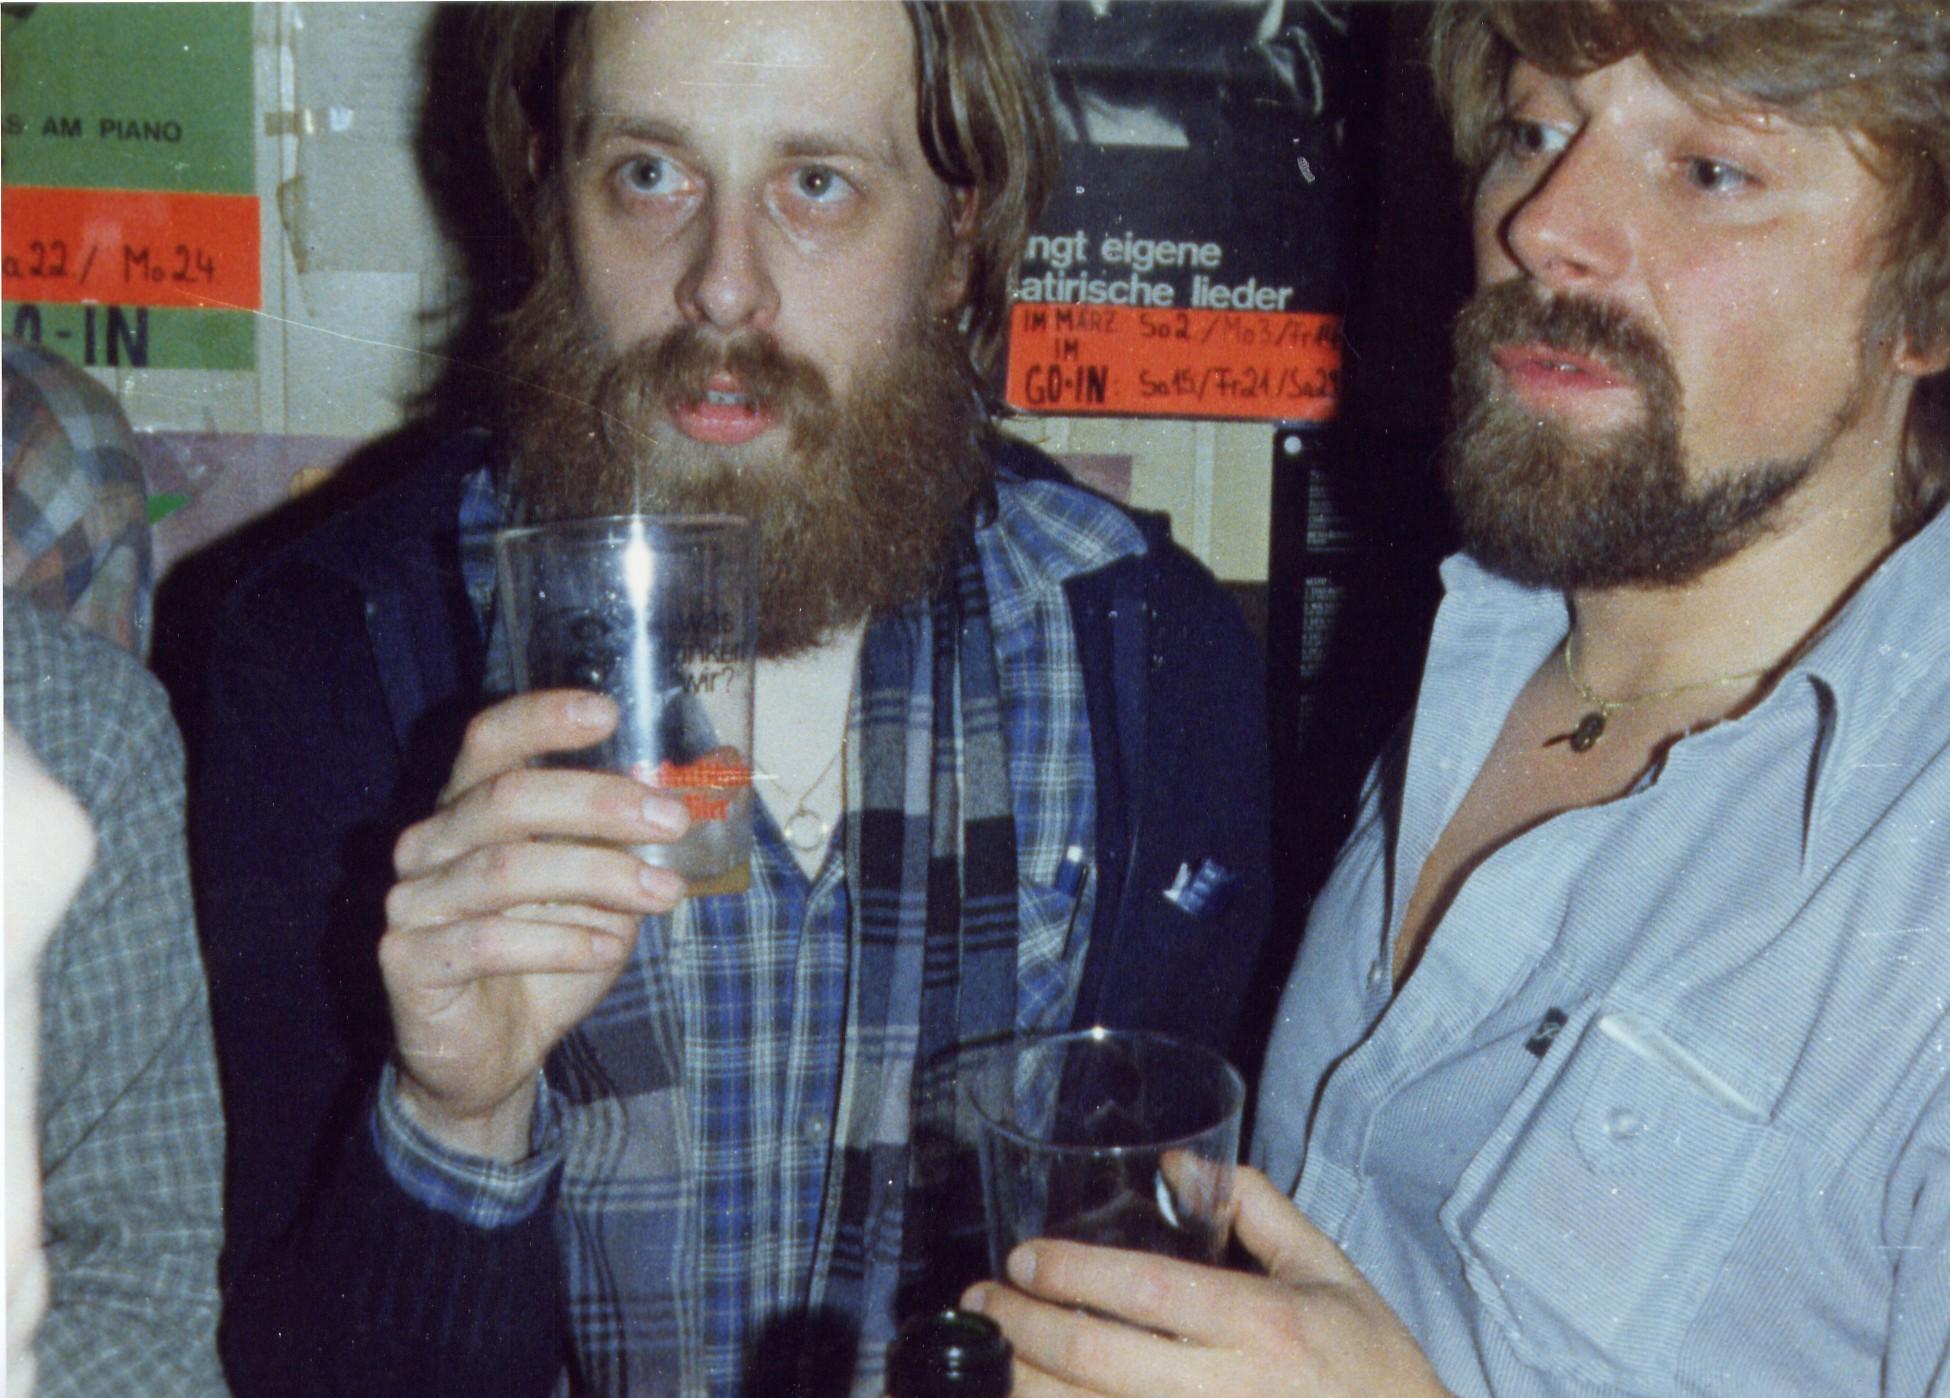 Beppo und Jürgen mit leeren Gläsern im GO-IN, dem Zentrum der Berliner Folk- und Liedermacherszene